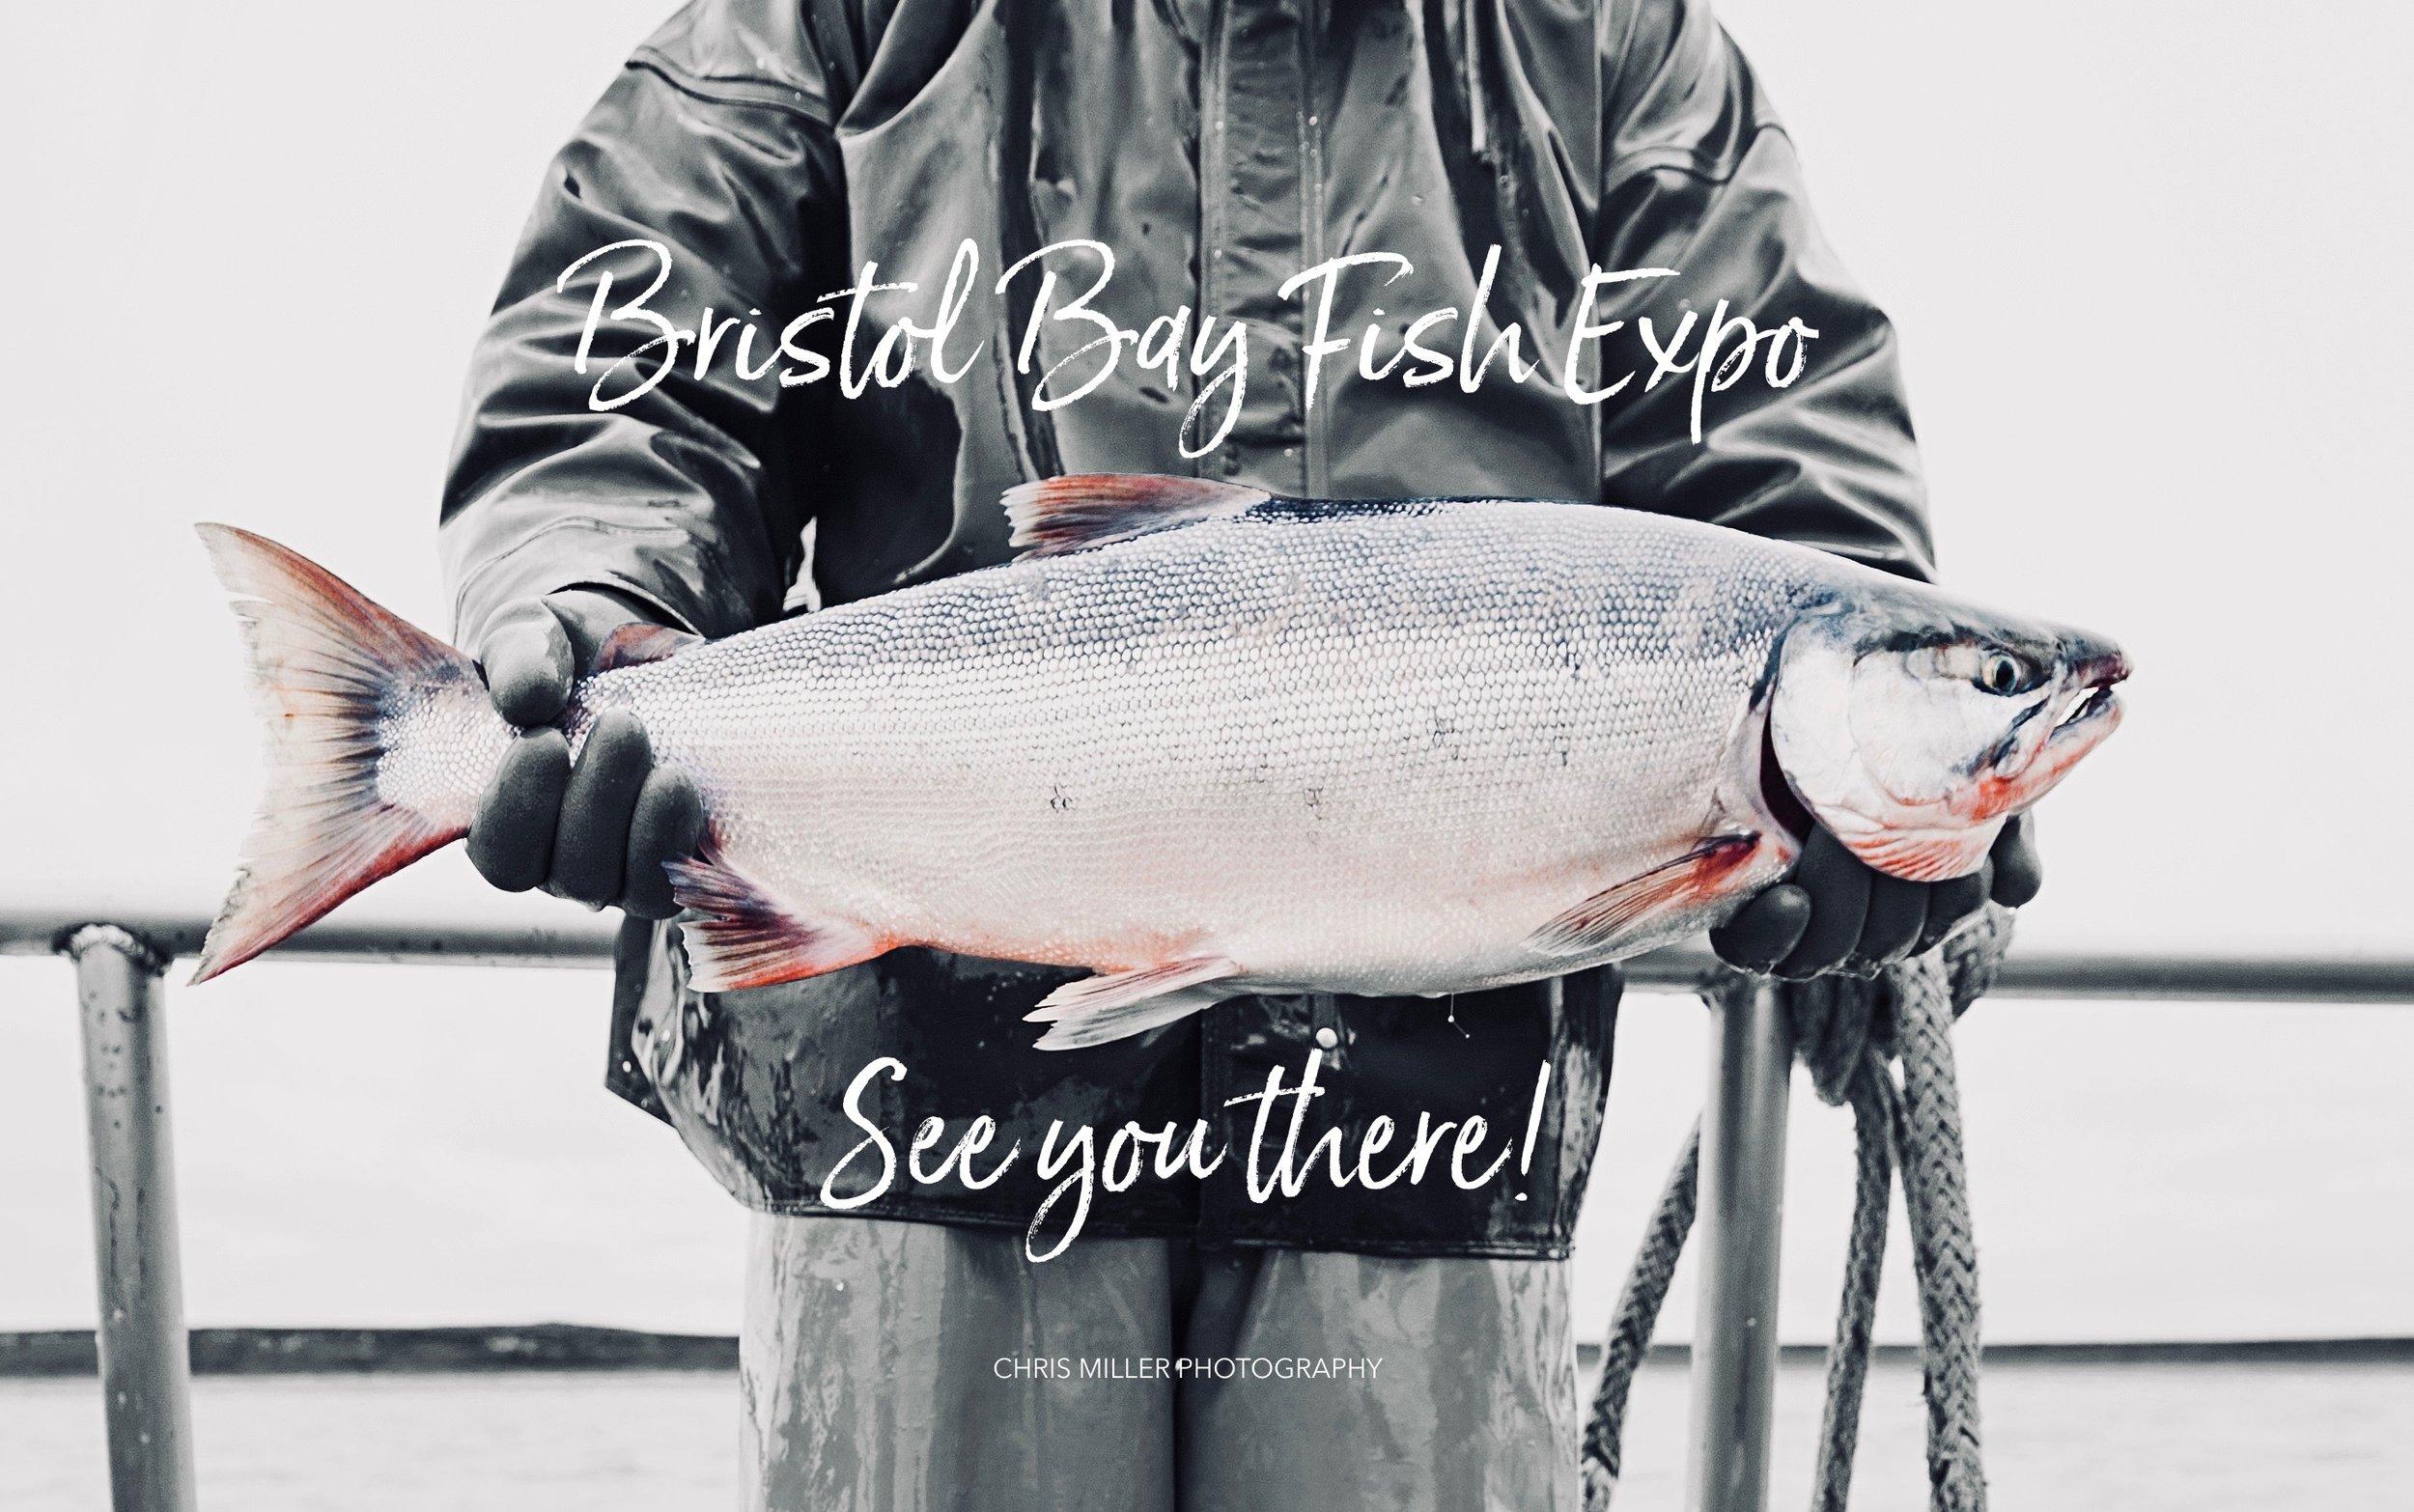 Fish+Expo+banner+photo.jpg